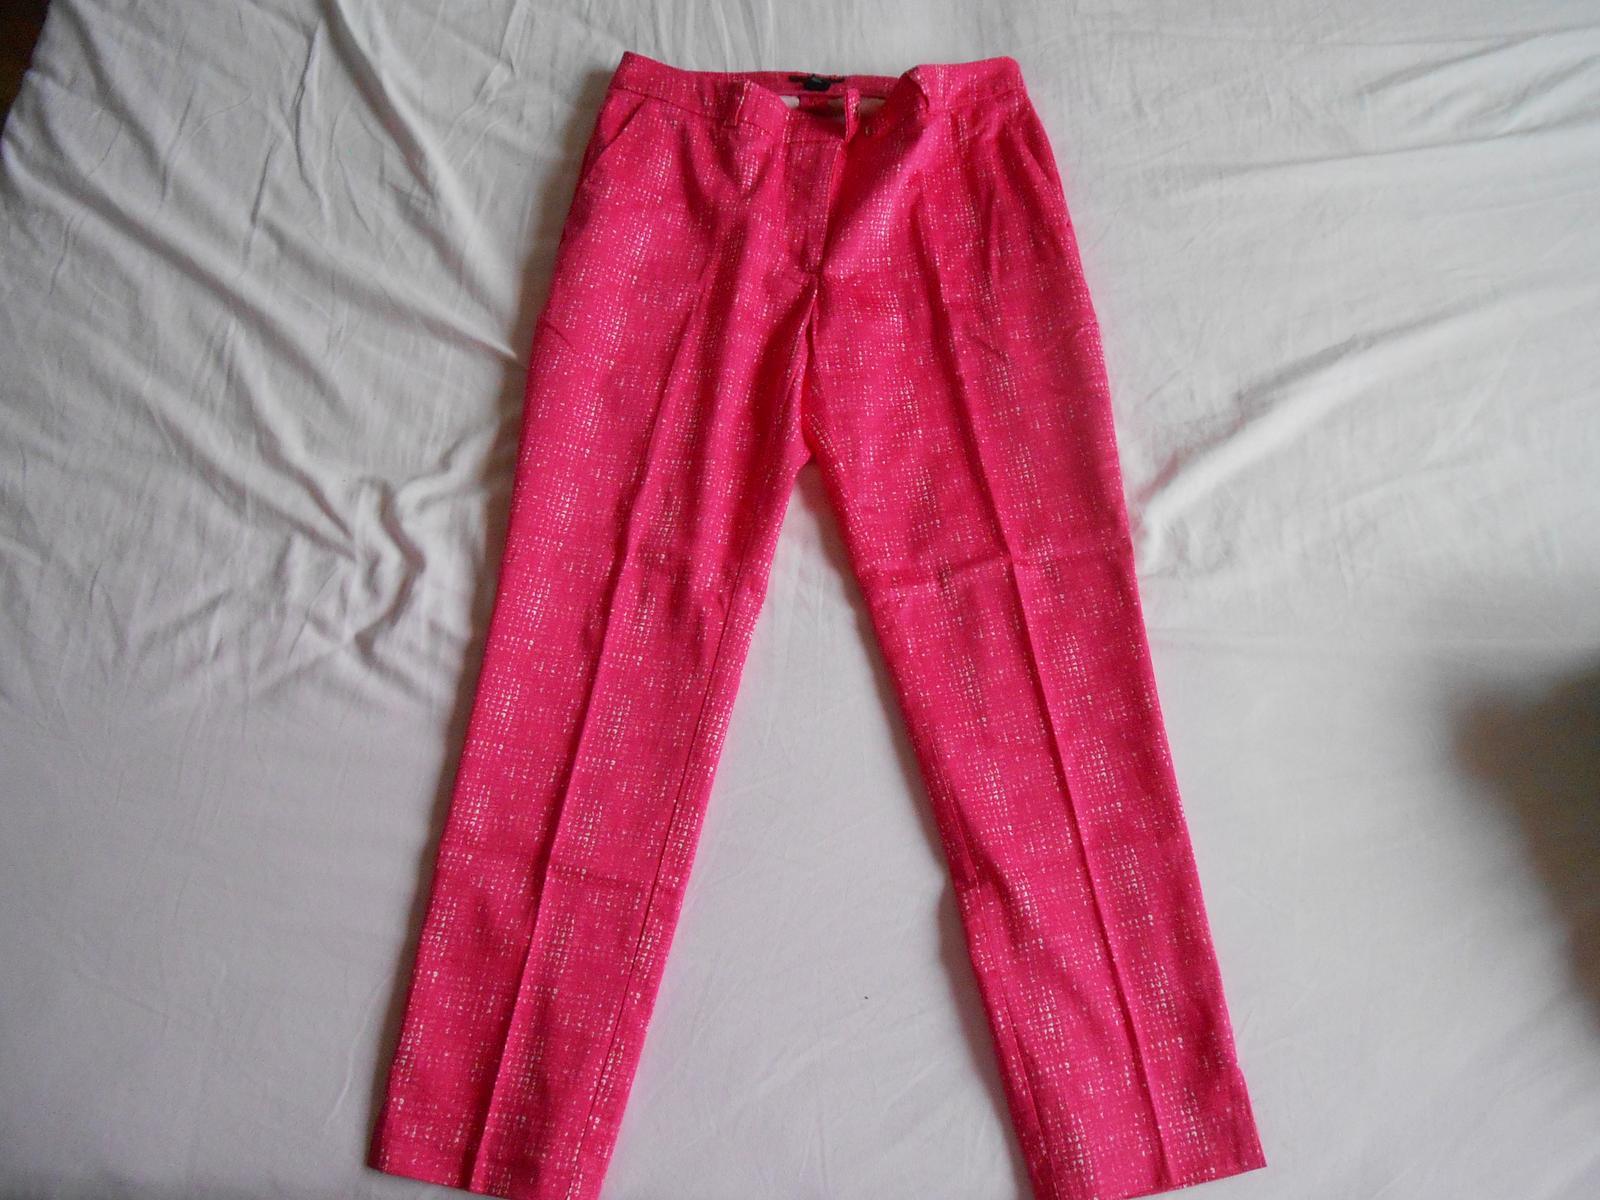 Ružové 7/8-nové striekané nohavice zn. H&M - Obrázok č. 1